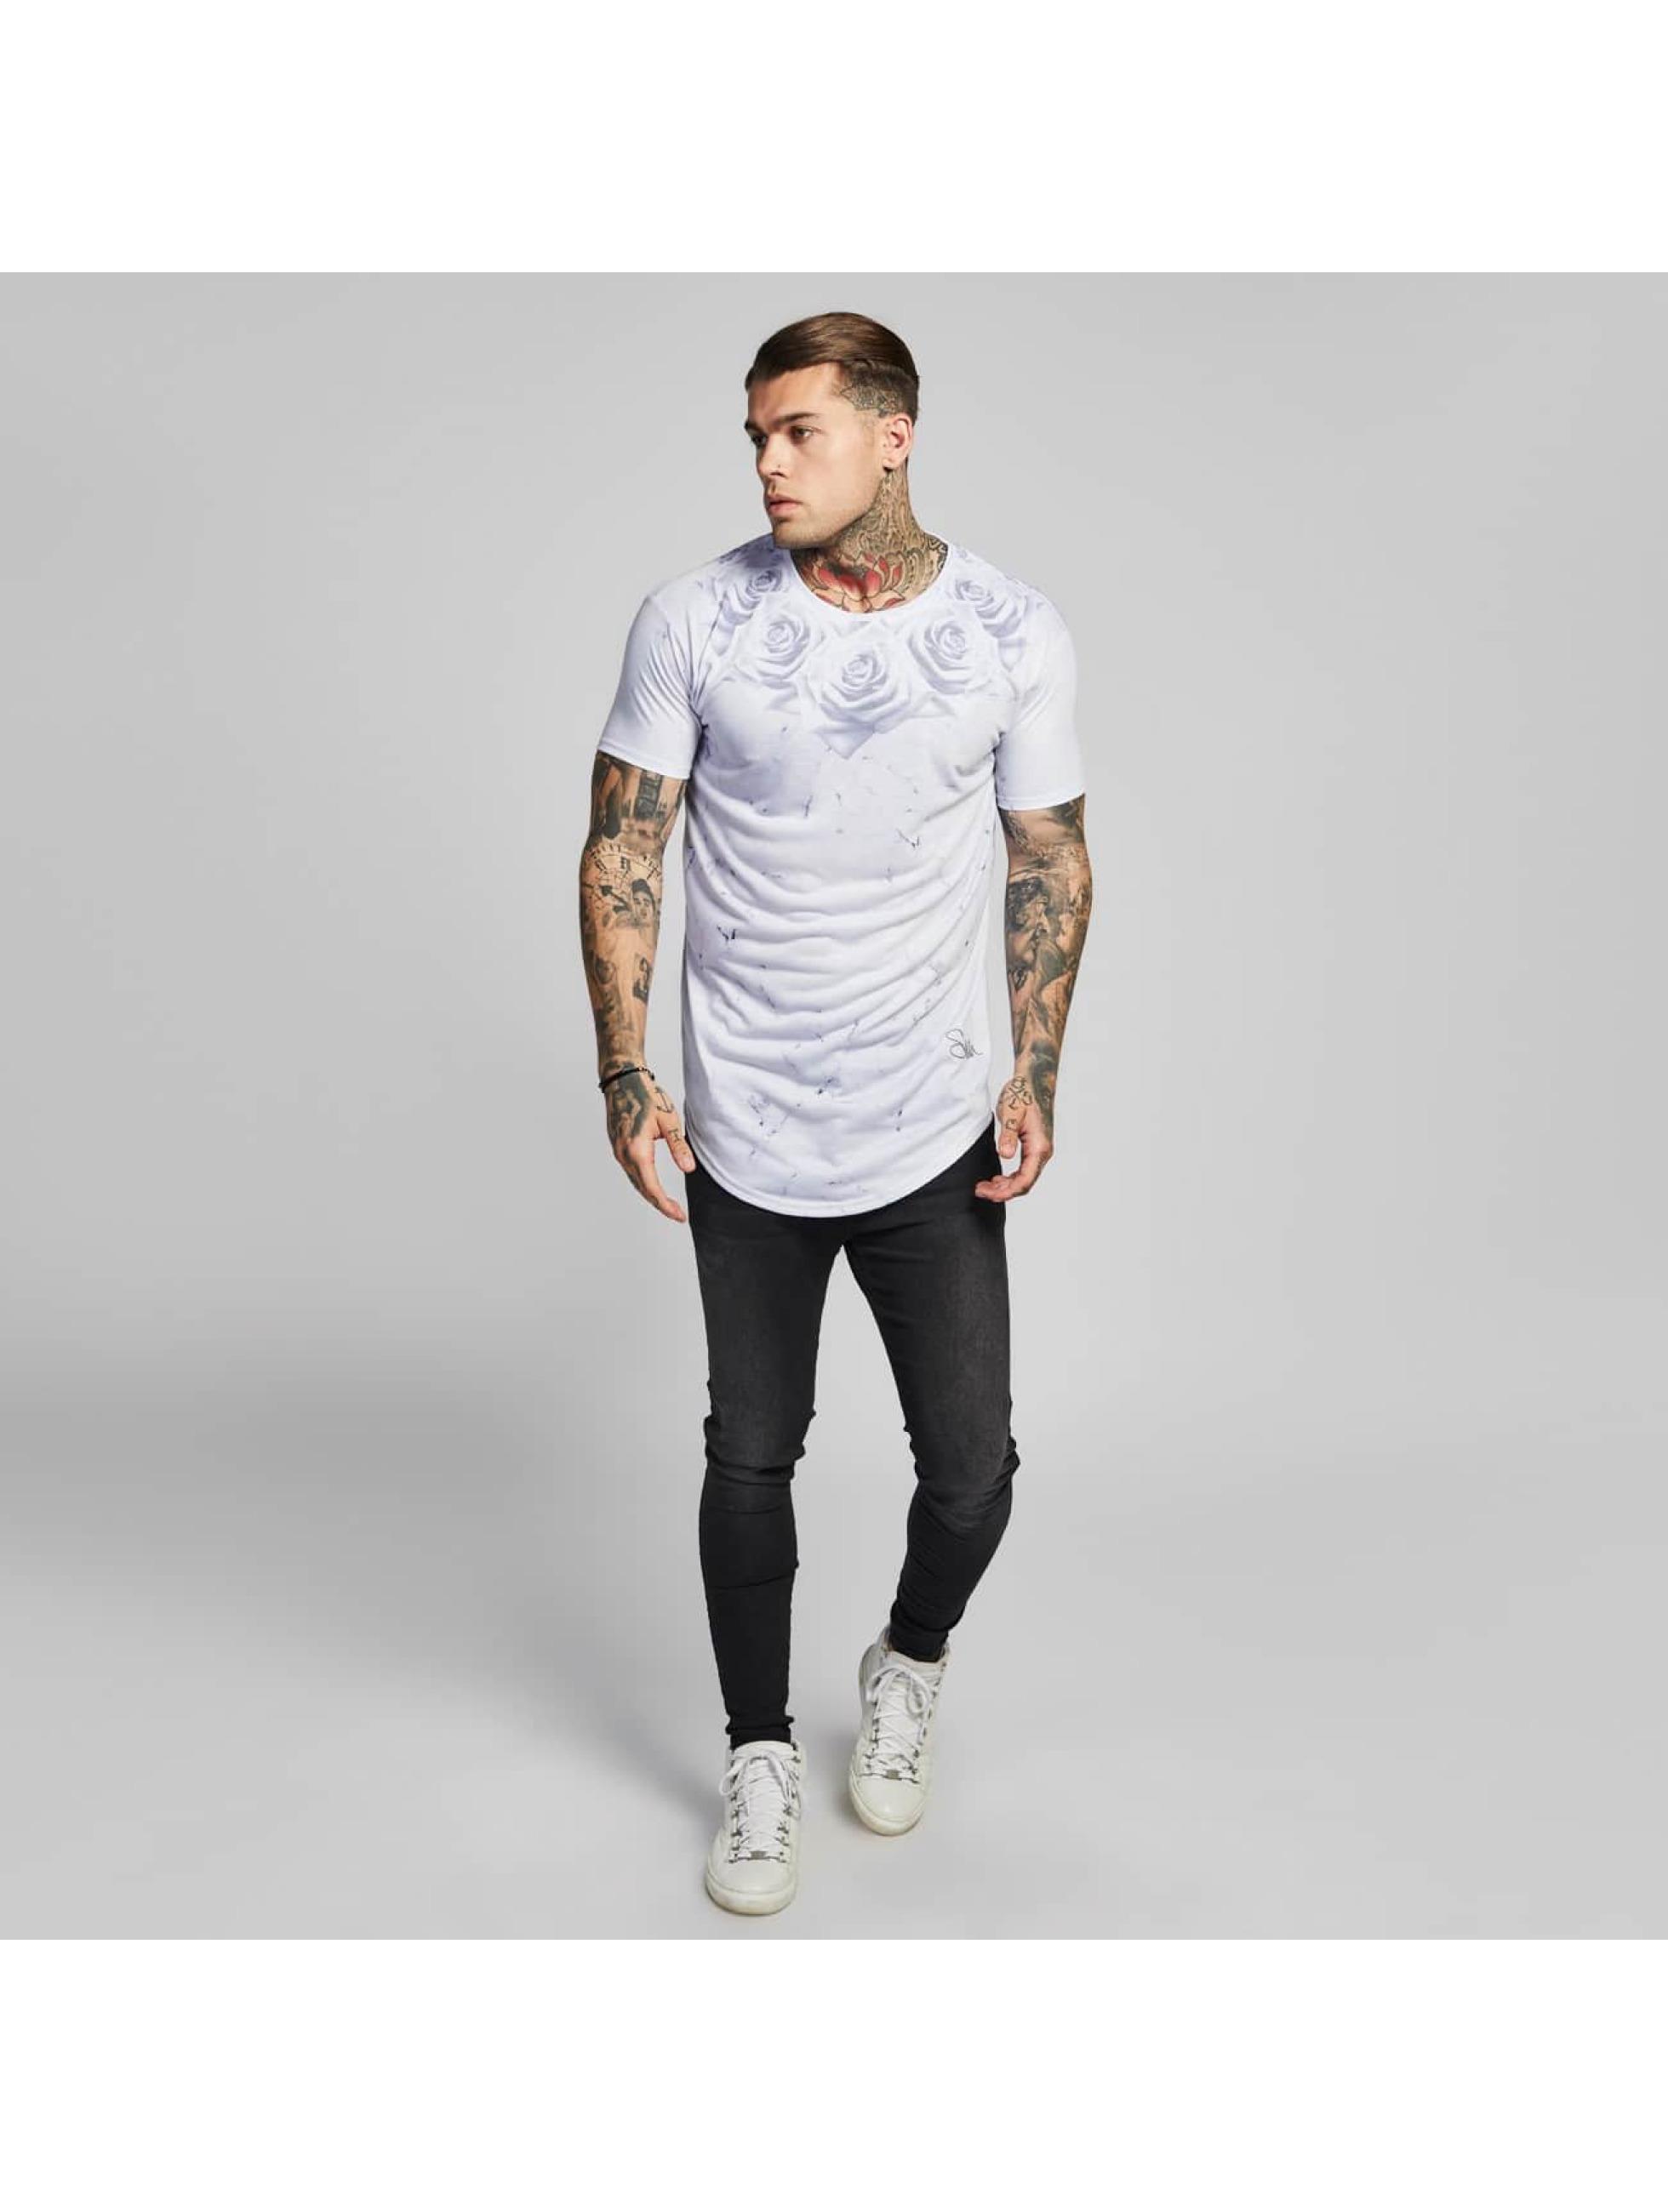 Sik Silk T-shirts Marble Rose Curved Hem hvid